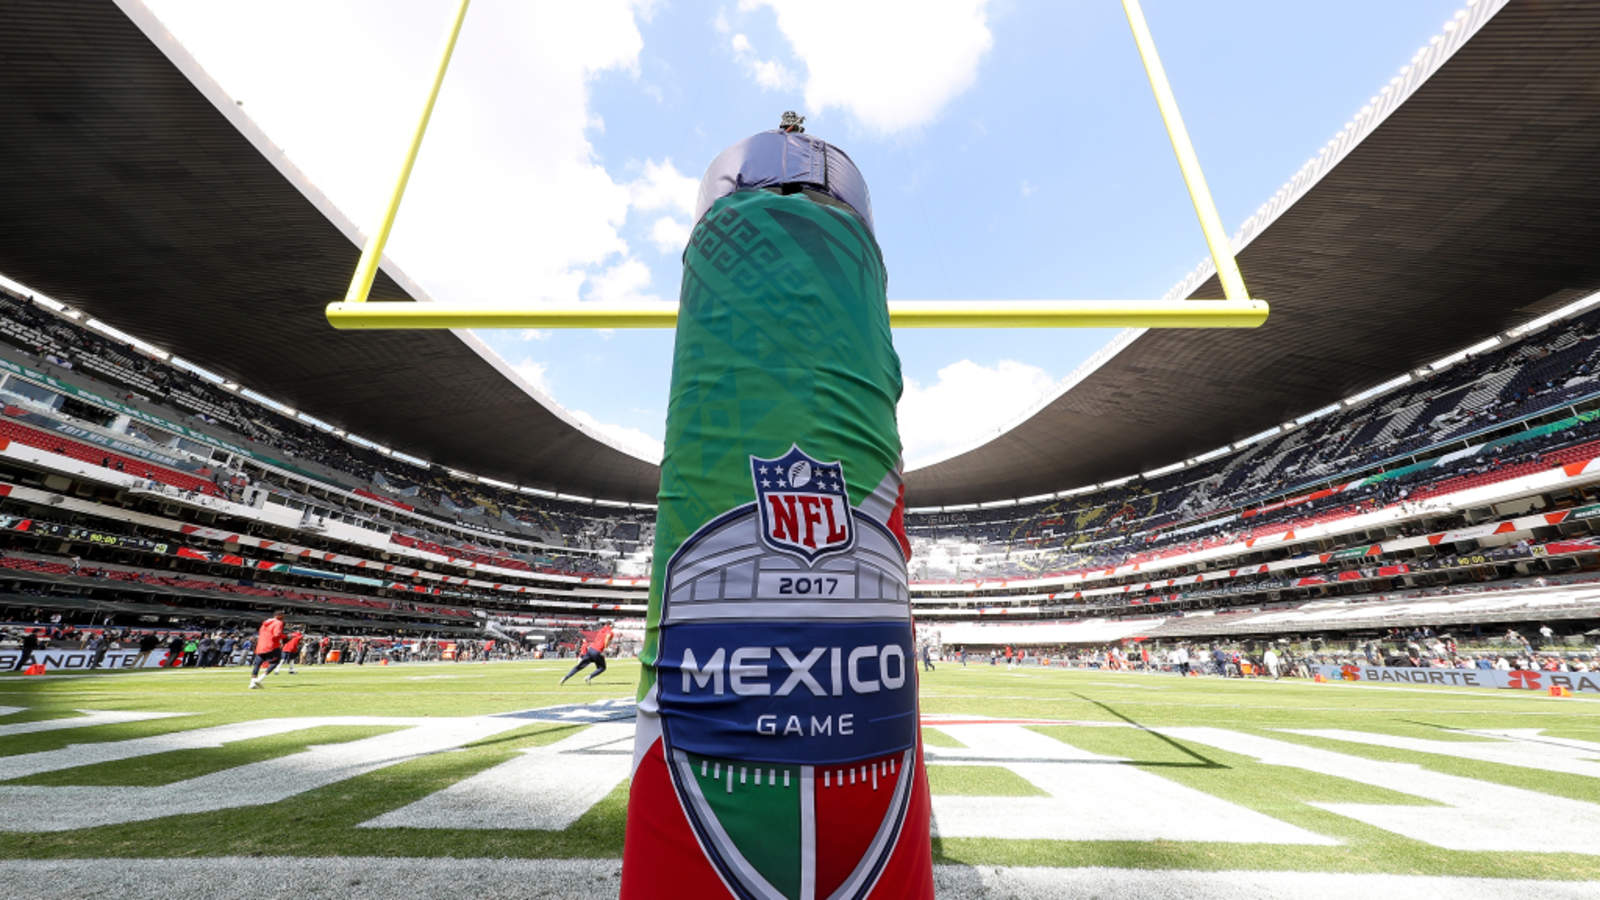 a5fc021748dd8 Abaratan productos de NFL tras cancelación de partido en México